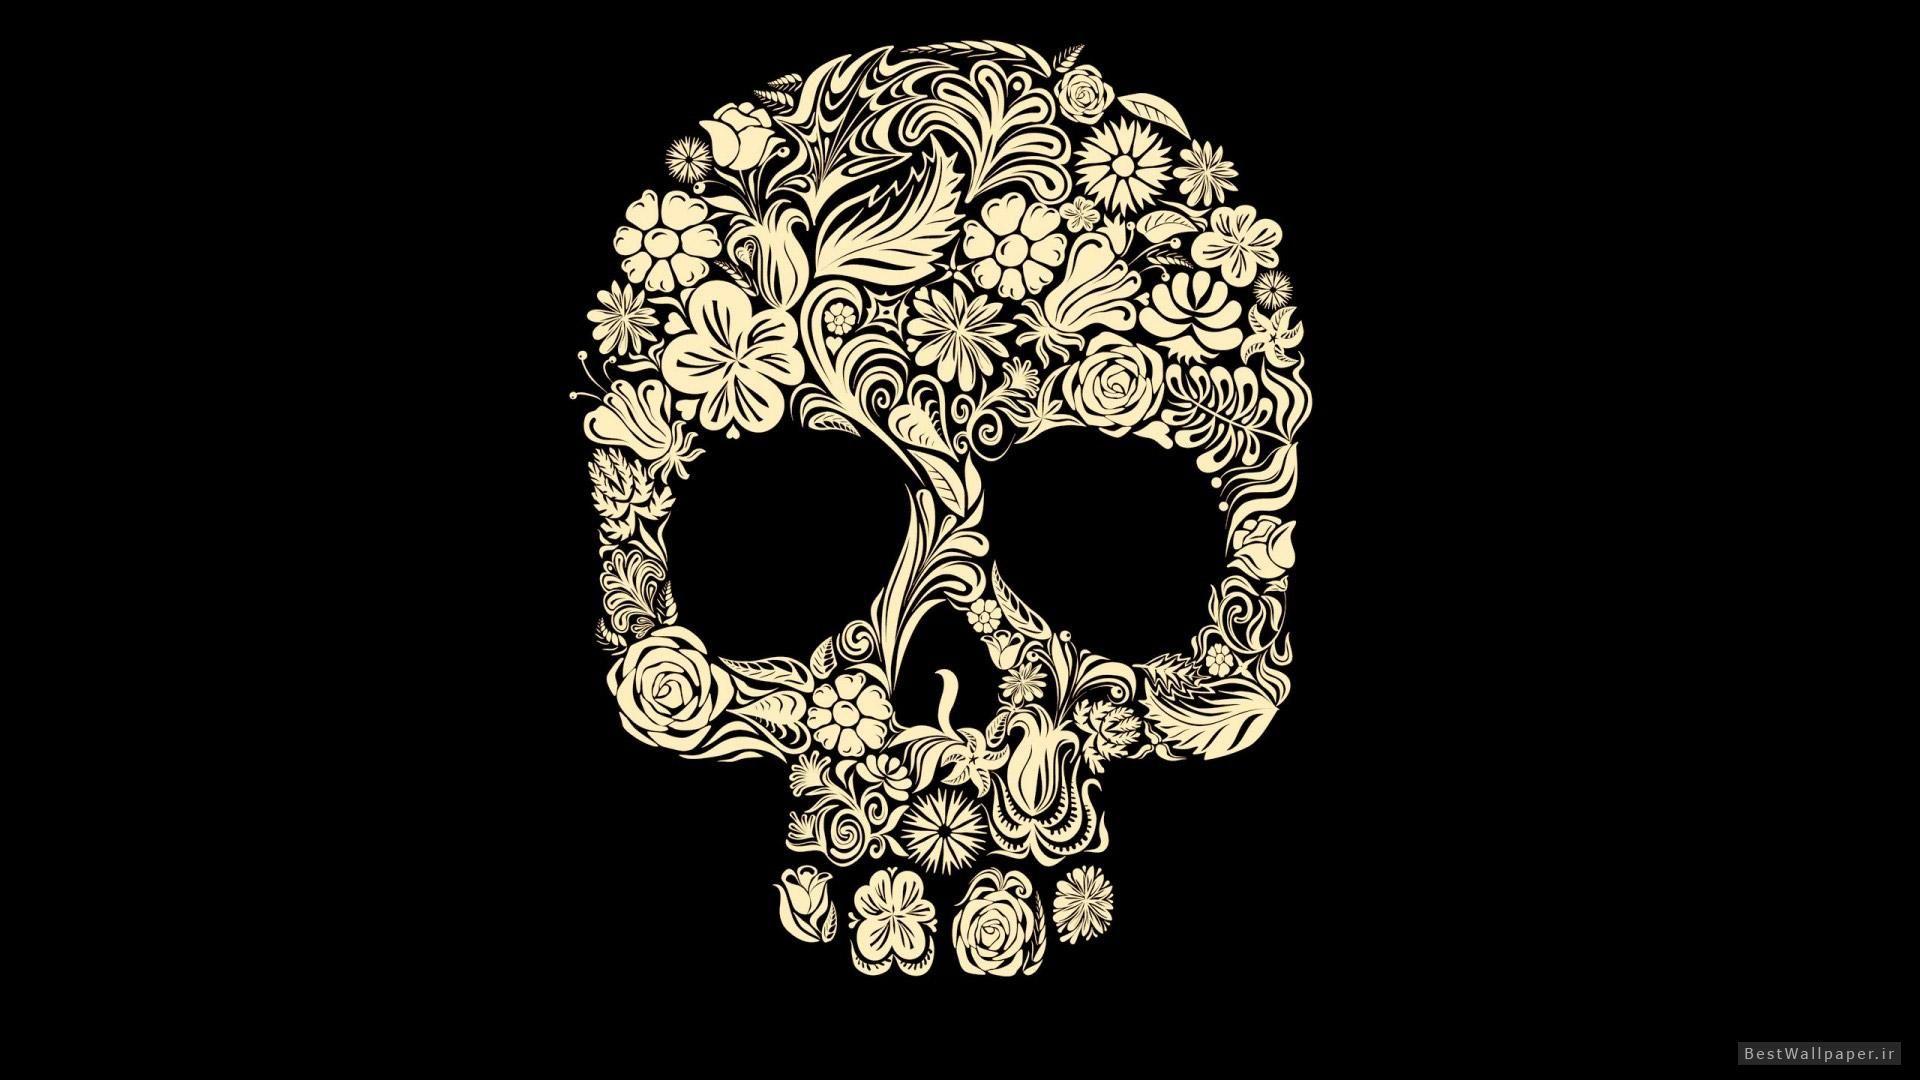 Cute Skeleton Wallpaper Hd Skeleton Wallpaper Skull Wallpaper Sugar Skull Tattoos Skull Art